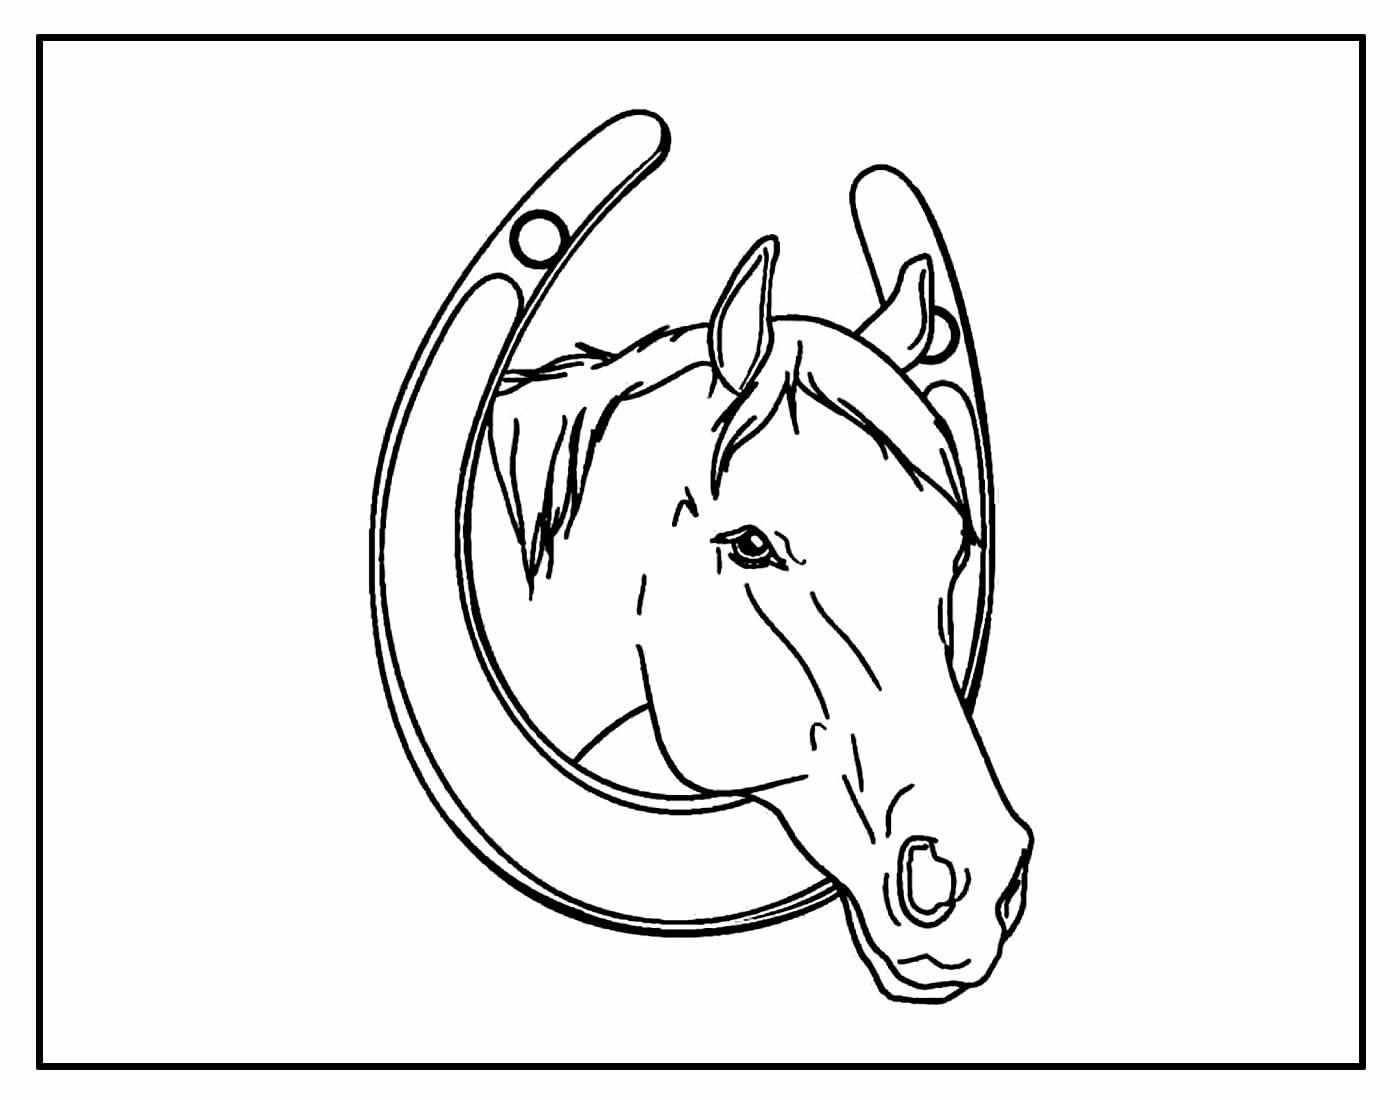 Desenho para colorir de Cavalo